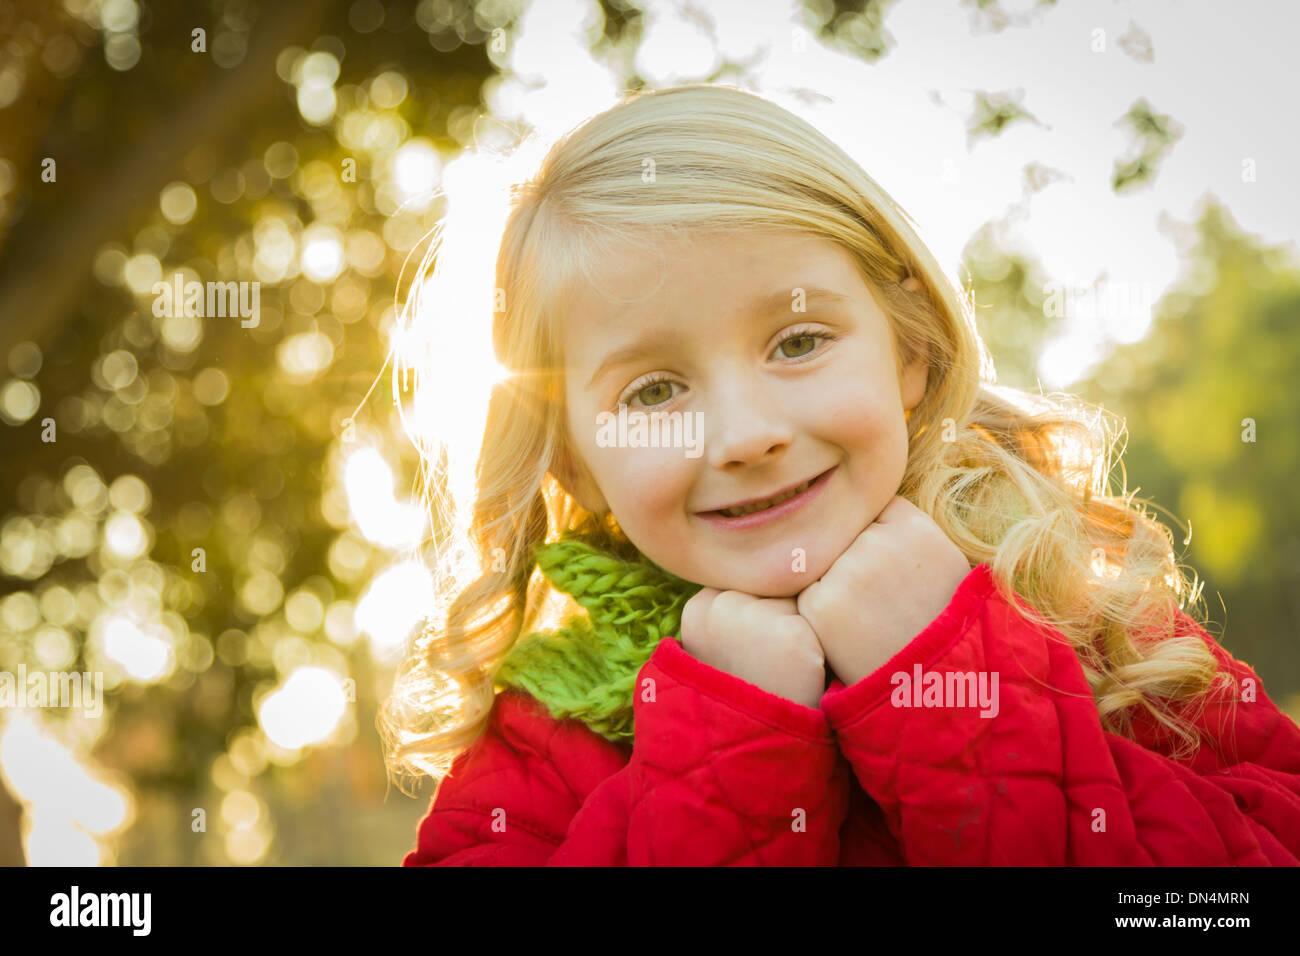 Süße kleine Mädchen tragen Wintermantel und Schal im Freien im Park. Stockbild